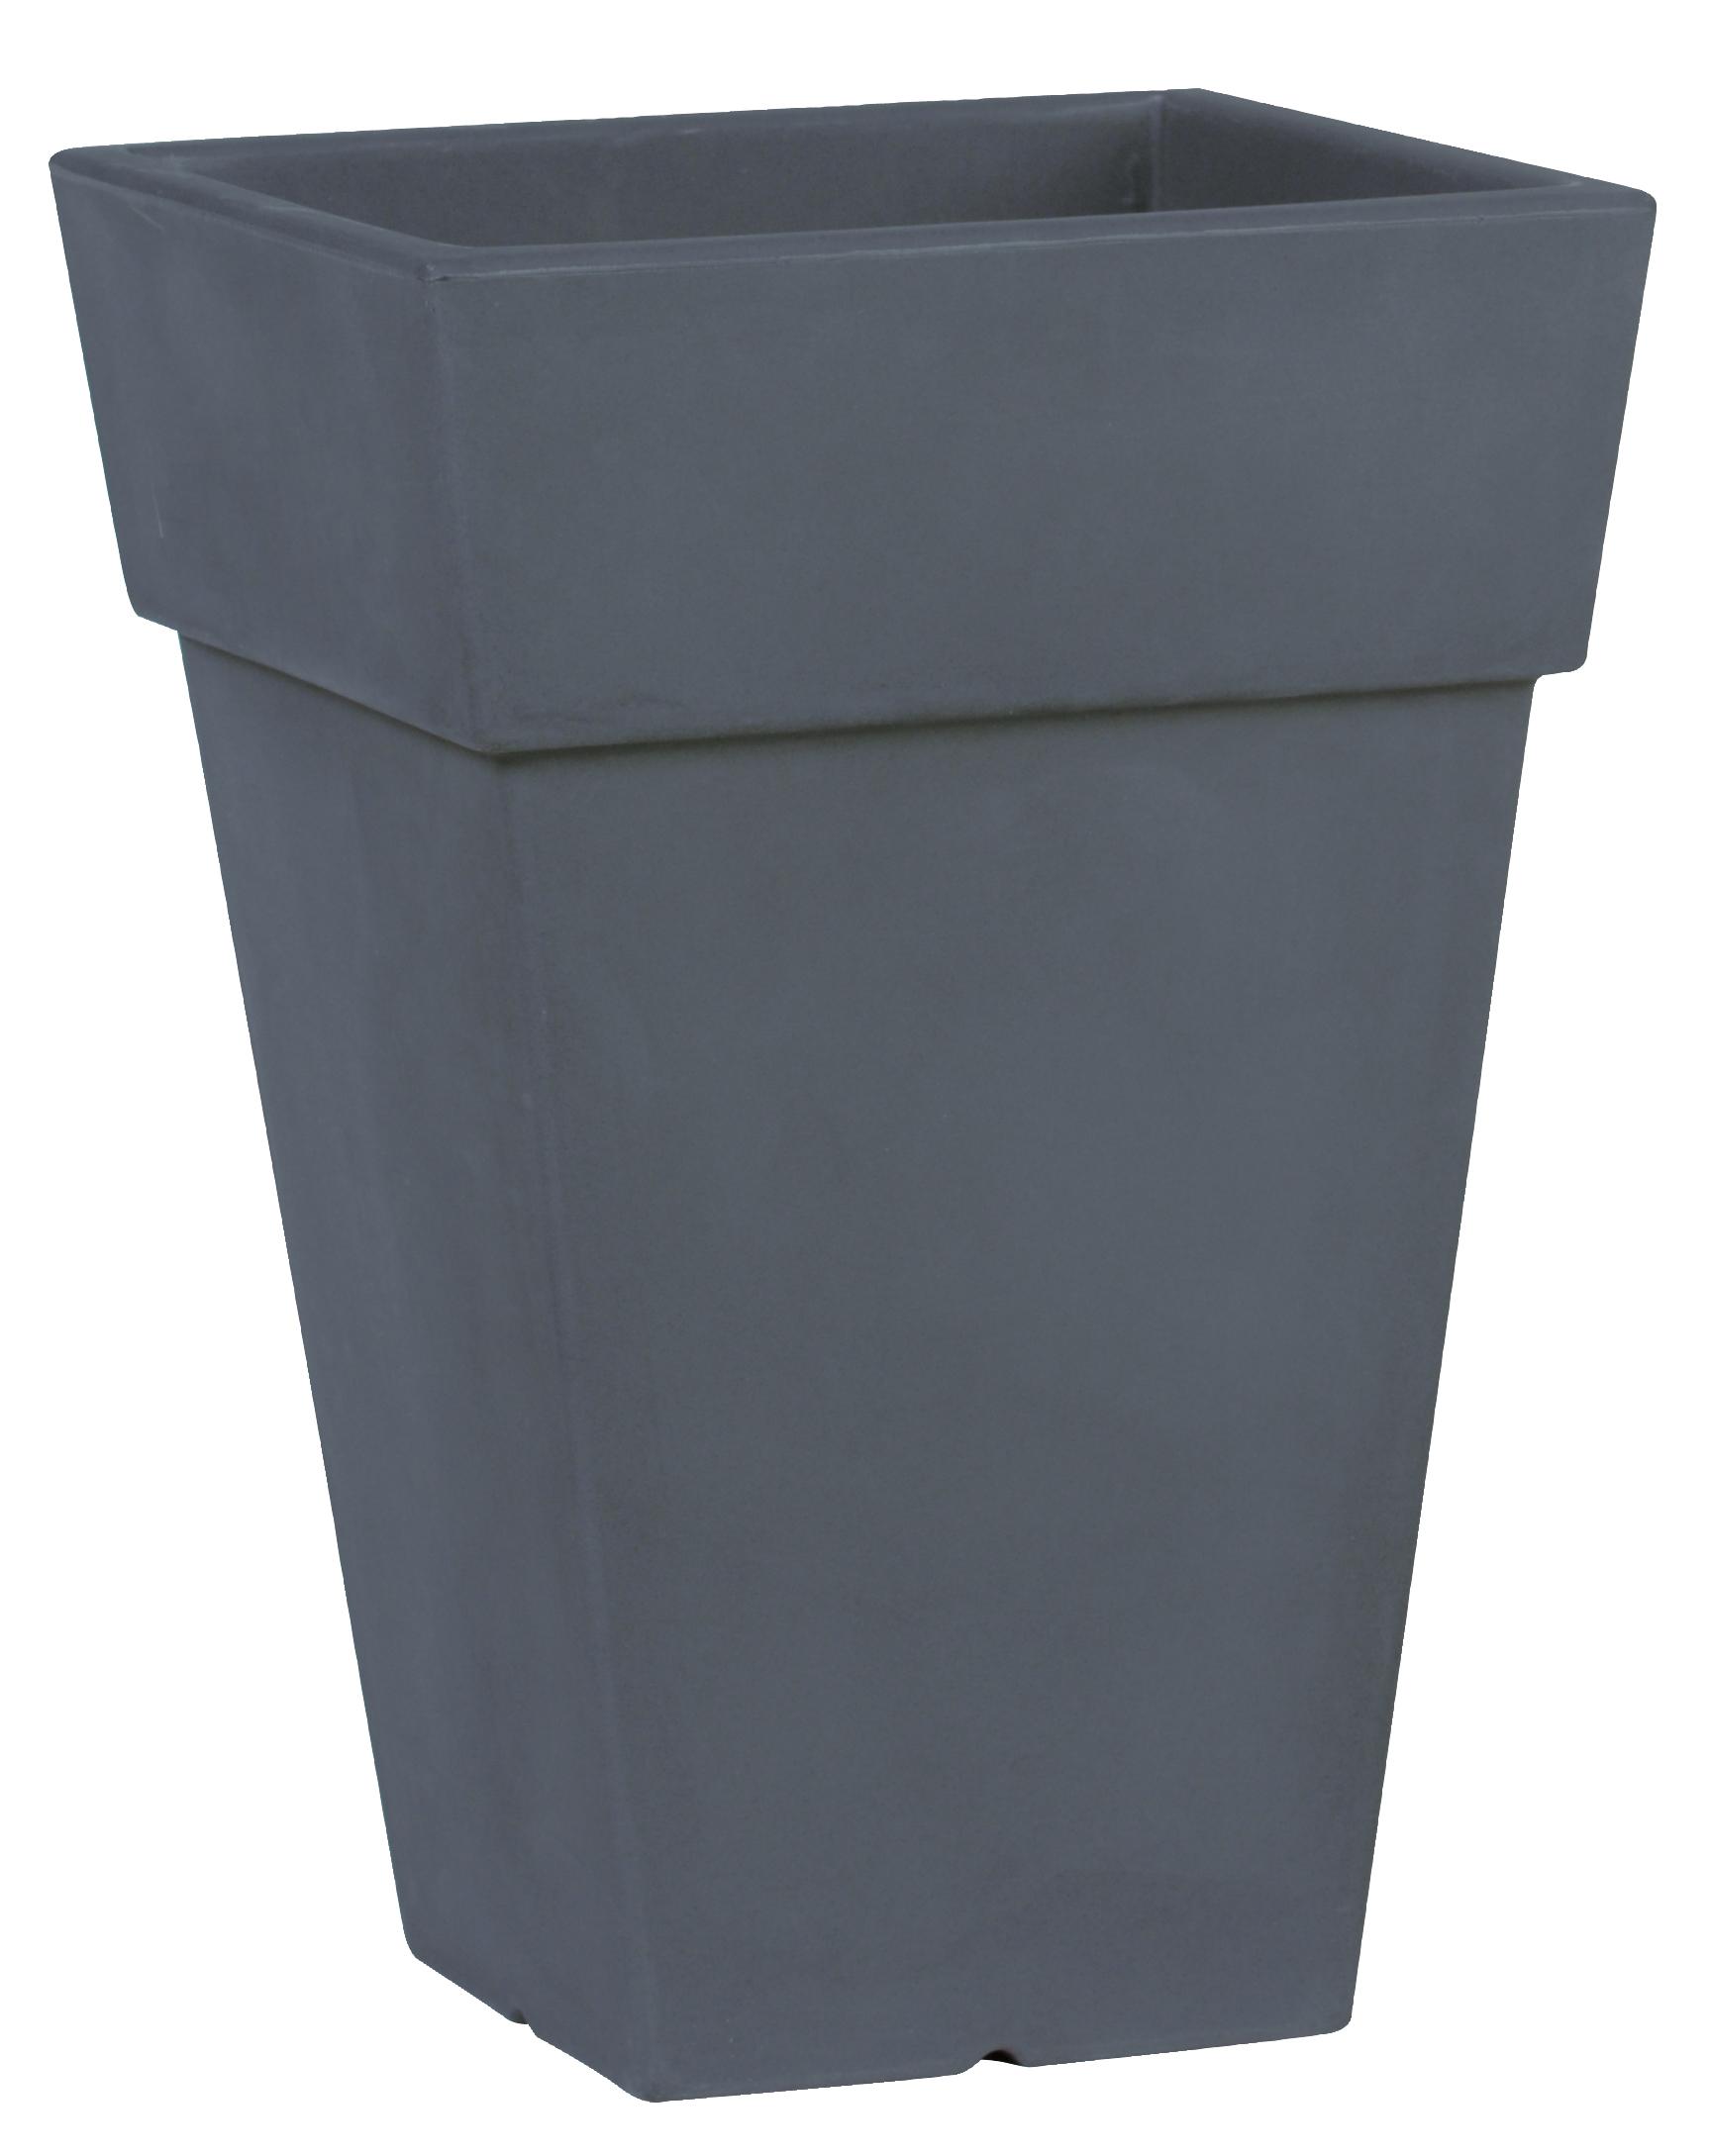 pot carr haut plastique anthracite poterie pots de fleurs design d co boutique d coration. Black Bedroom Furniture Sets. Home Design Ideas